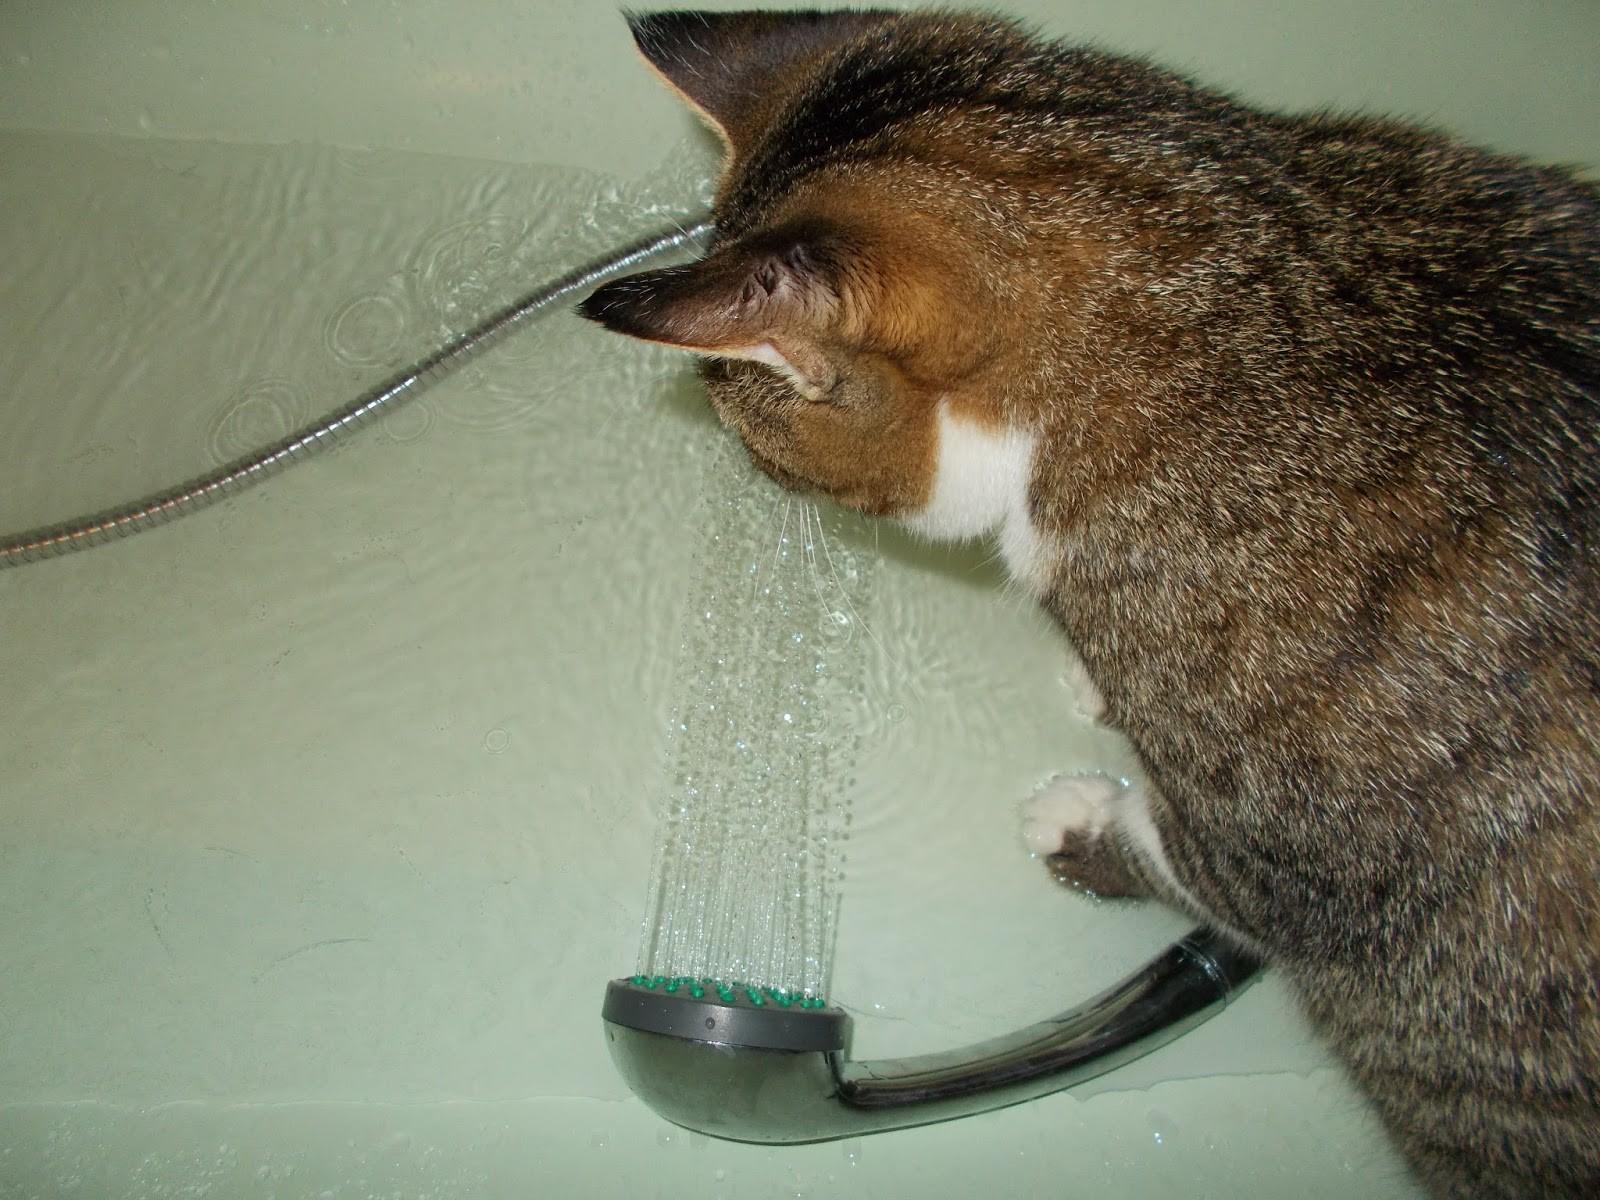 pisica la dus iubeste apa